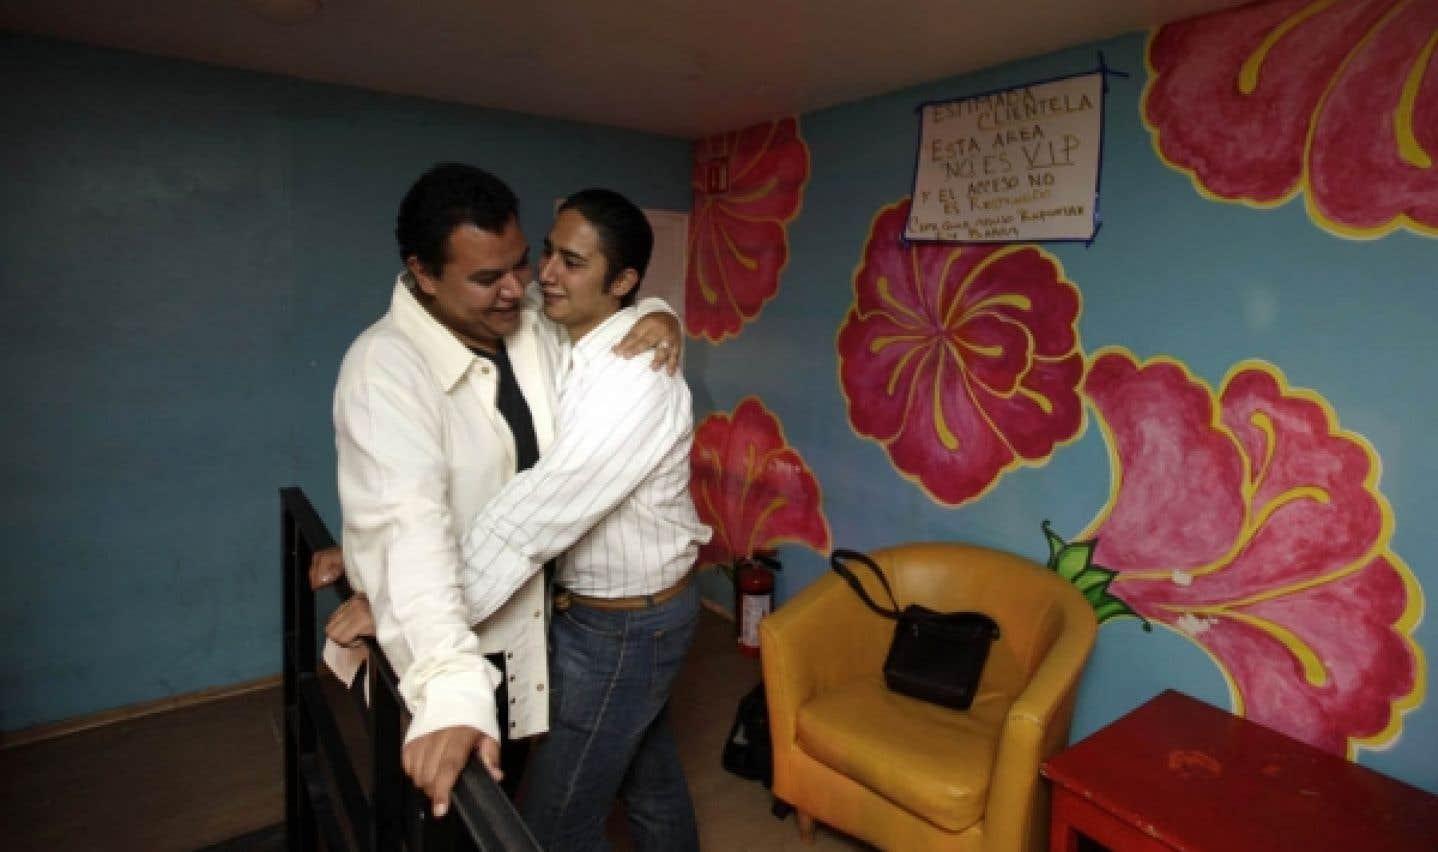 Une première en Amérique latine - Mexico autorise le mariage gai